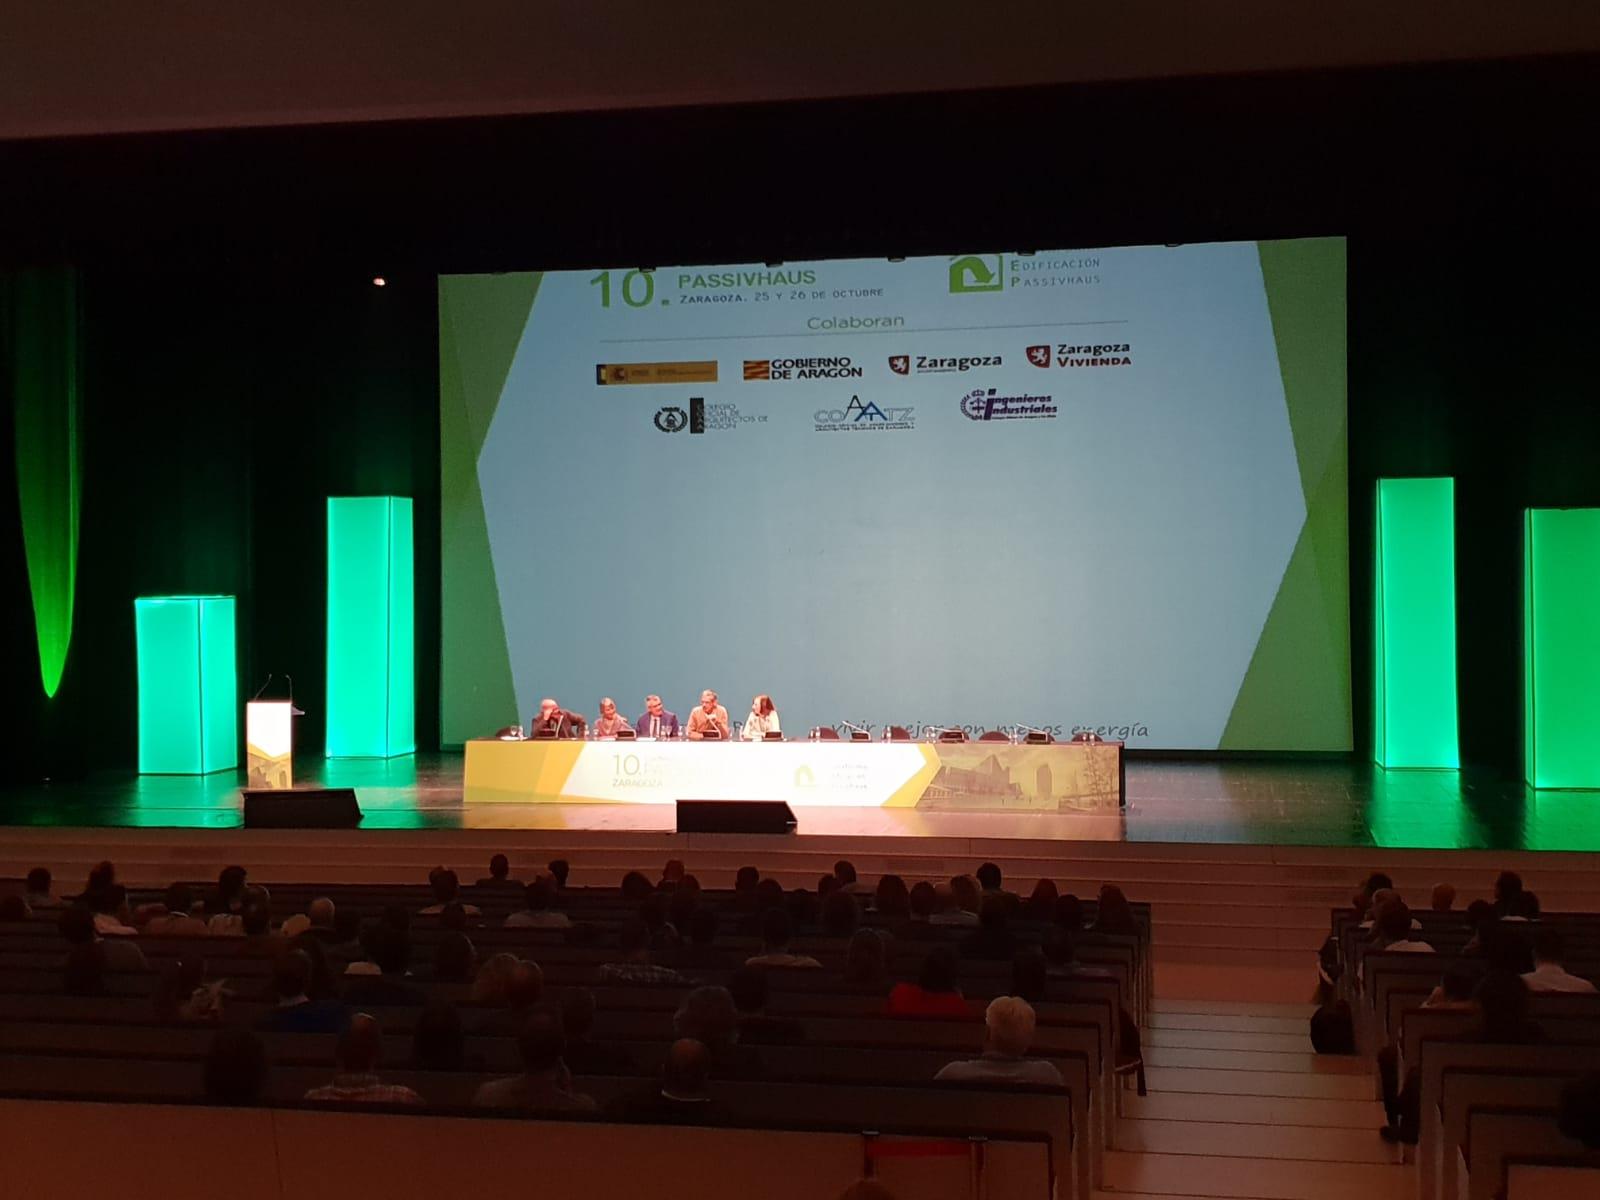 imagen 1 de noticia: kursaal-green-asistimos-a-la-10-conferencia-espaola-passivhaus